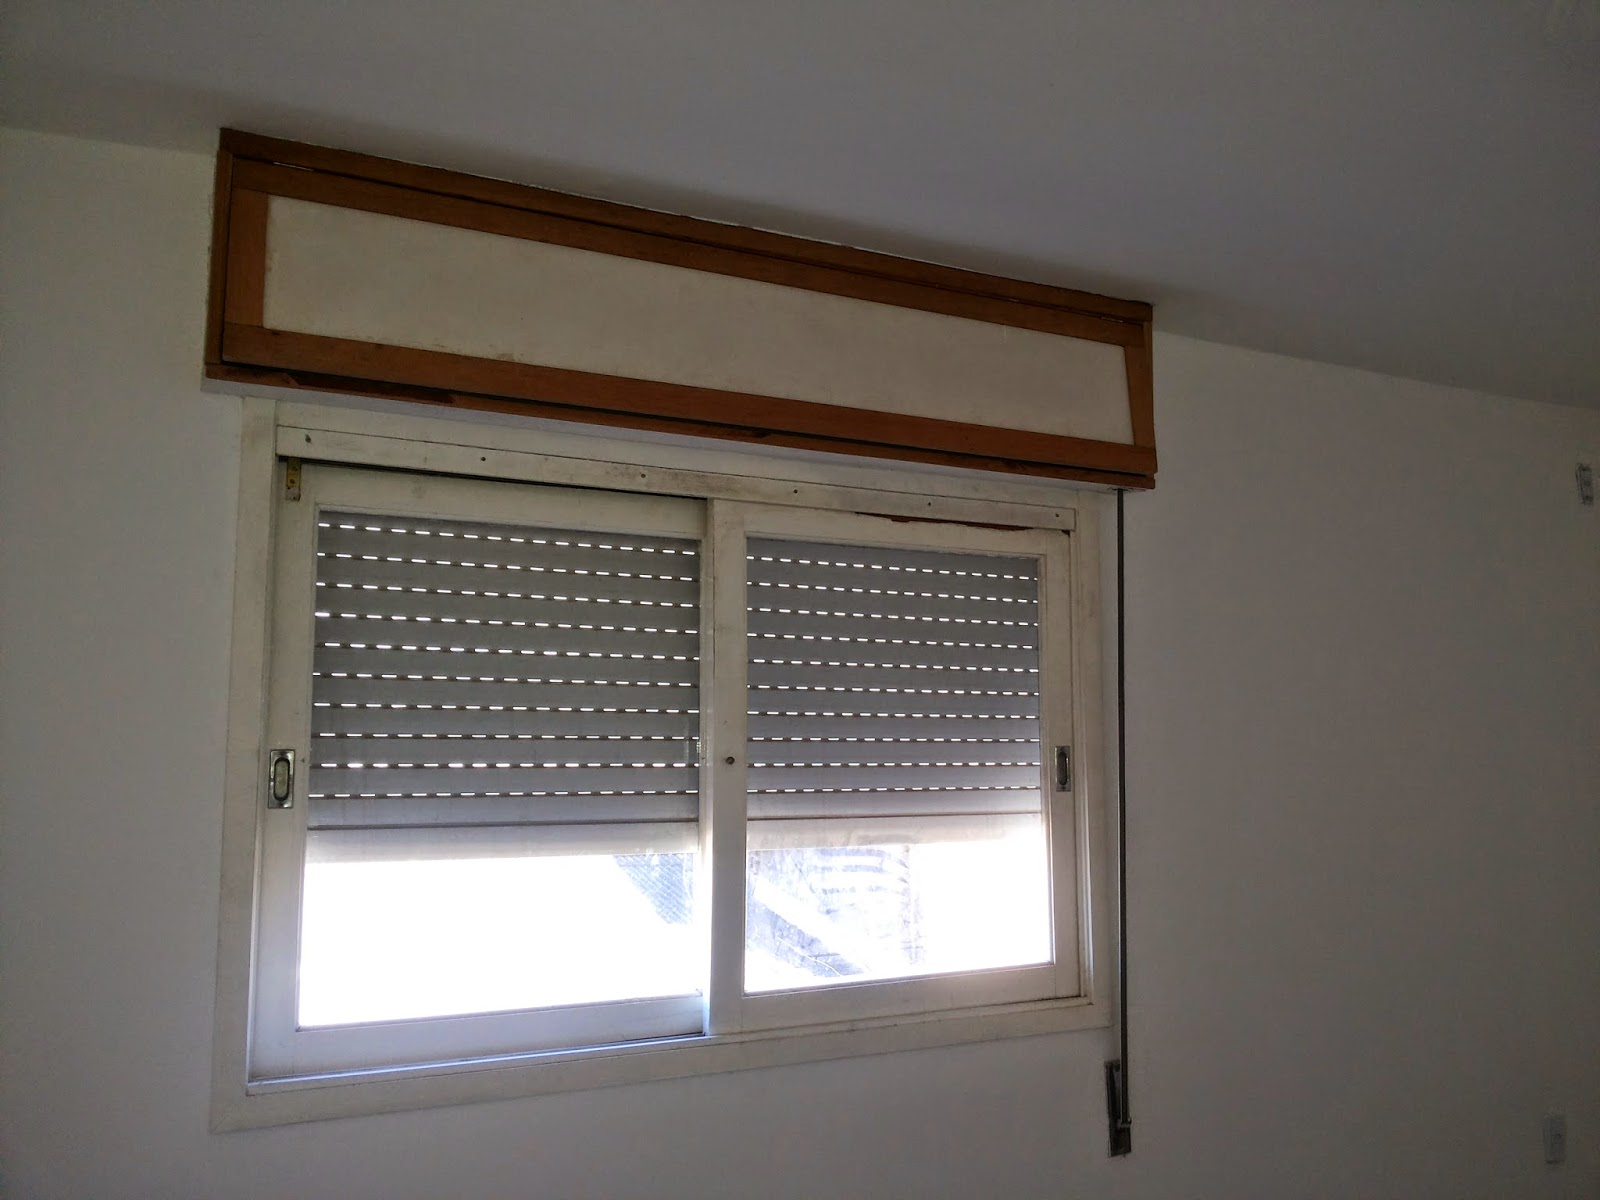 Imagens de #4F5C7C Aqui tudo pronto com moldura da caixa das persianas pronta e pintada  1600x1200 px 3138 Box Banheiro Acrilico Porto Alegre